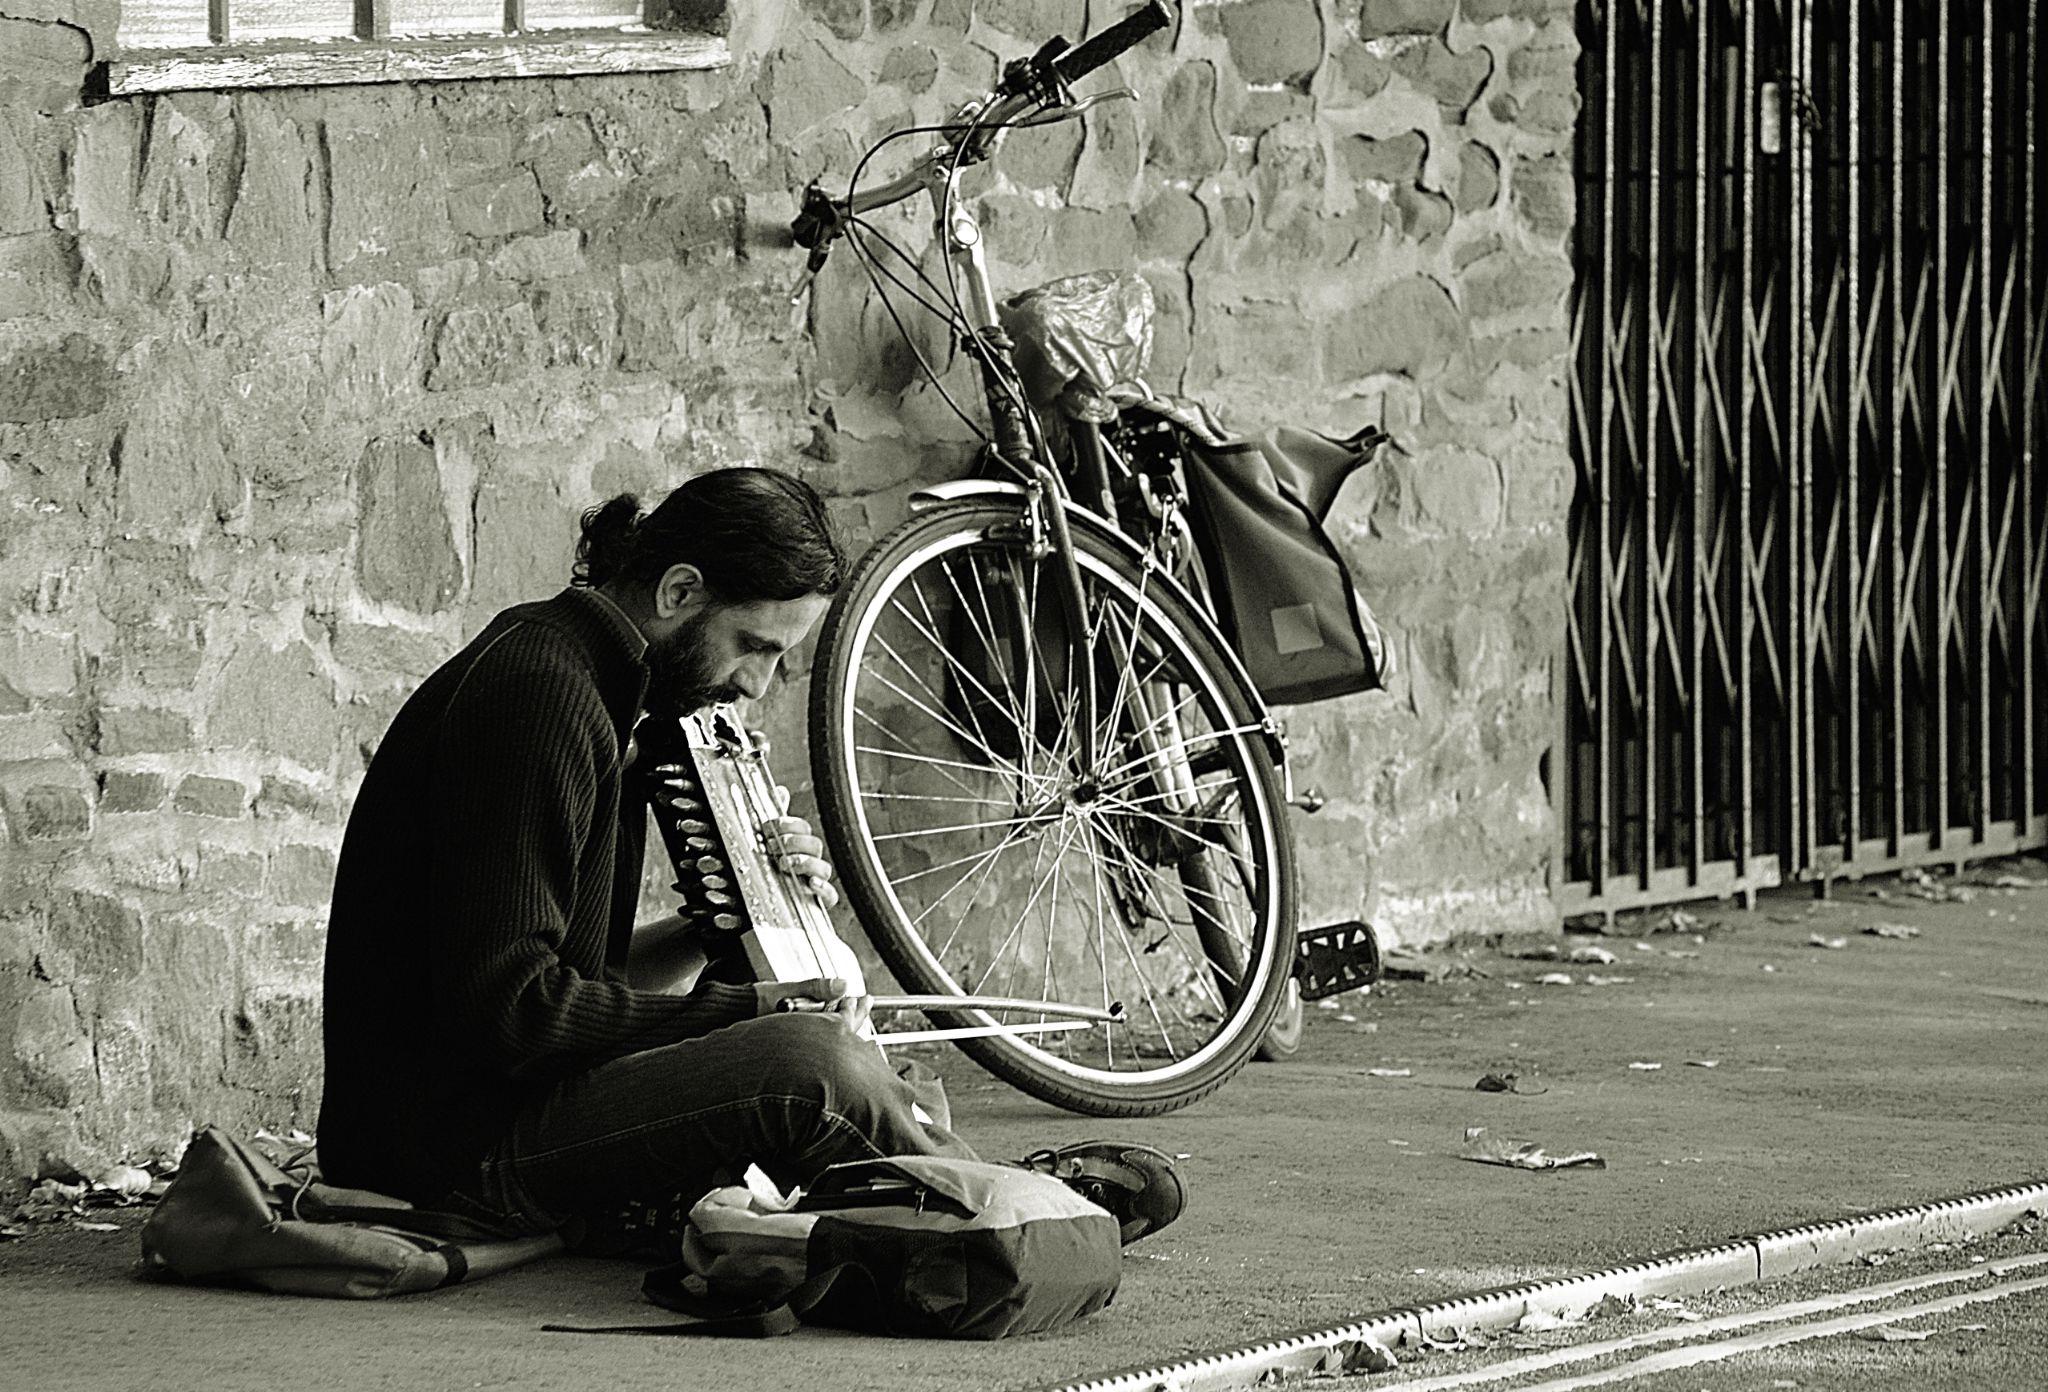 street music by Kamil Gaweł